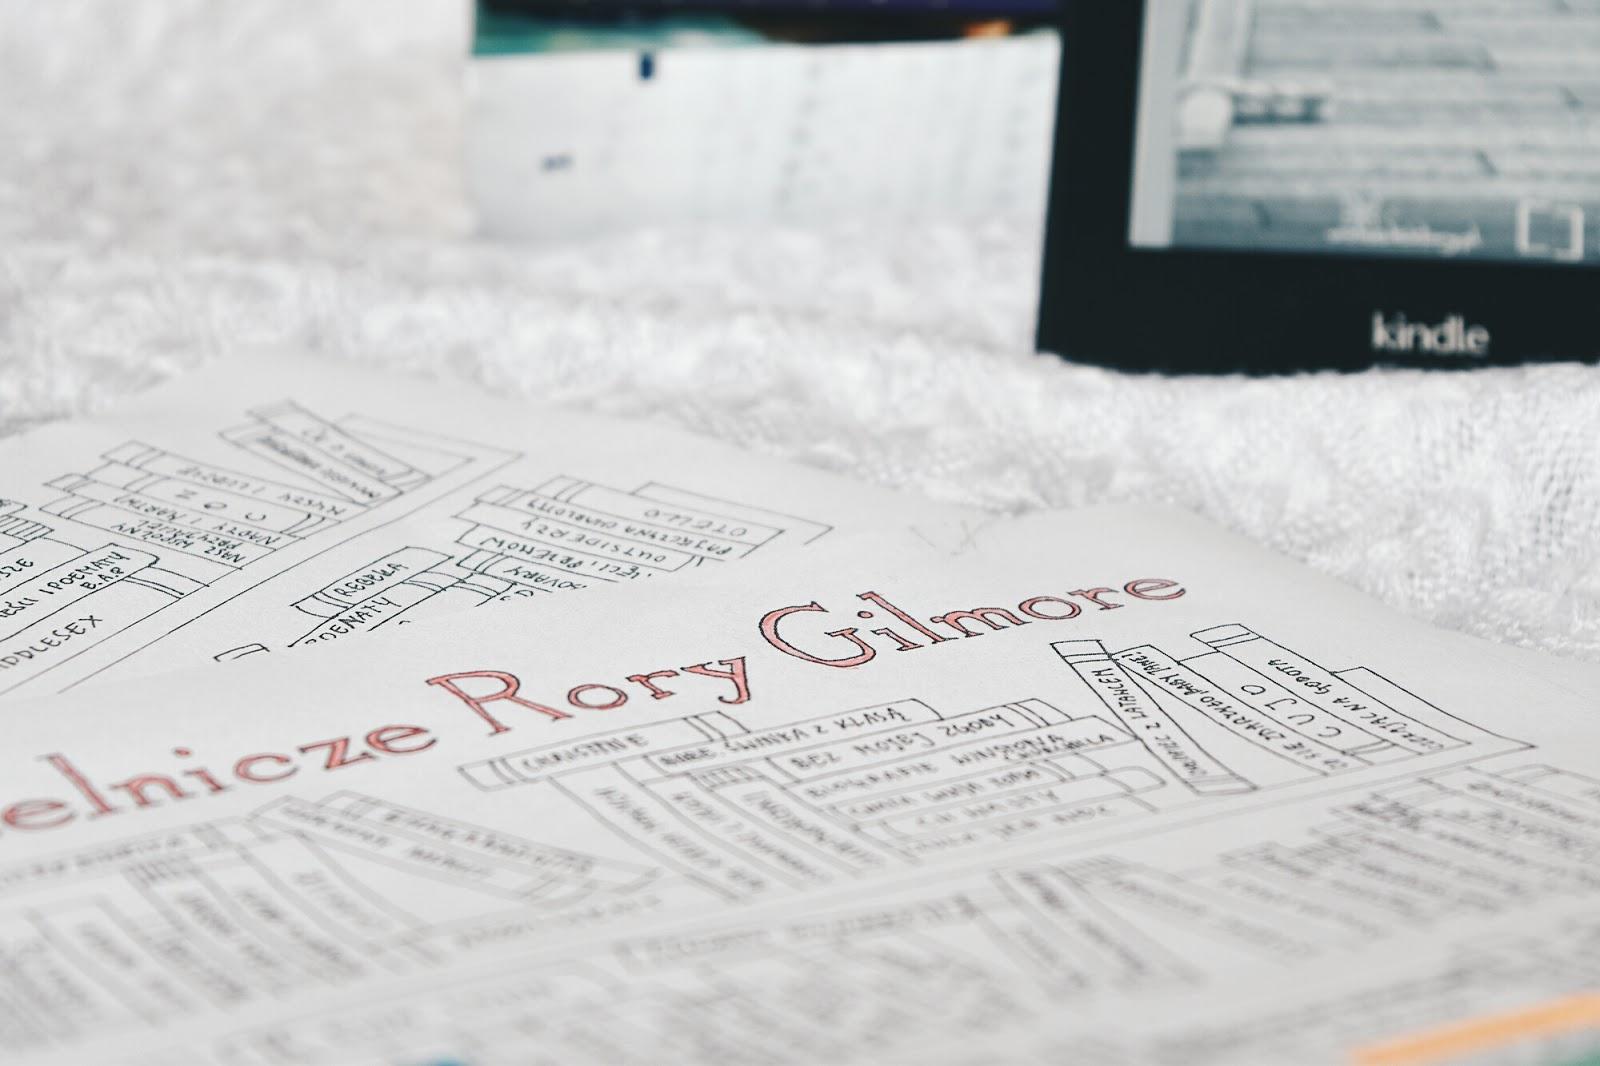 Wyzwanie czytelnicze Rory Gilmore, Gilmore Girls, Kochane Kłopoty, książki, co czytać, darmowe książki, darmowe ebooki, książki pdf, czytnik, Kindle